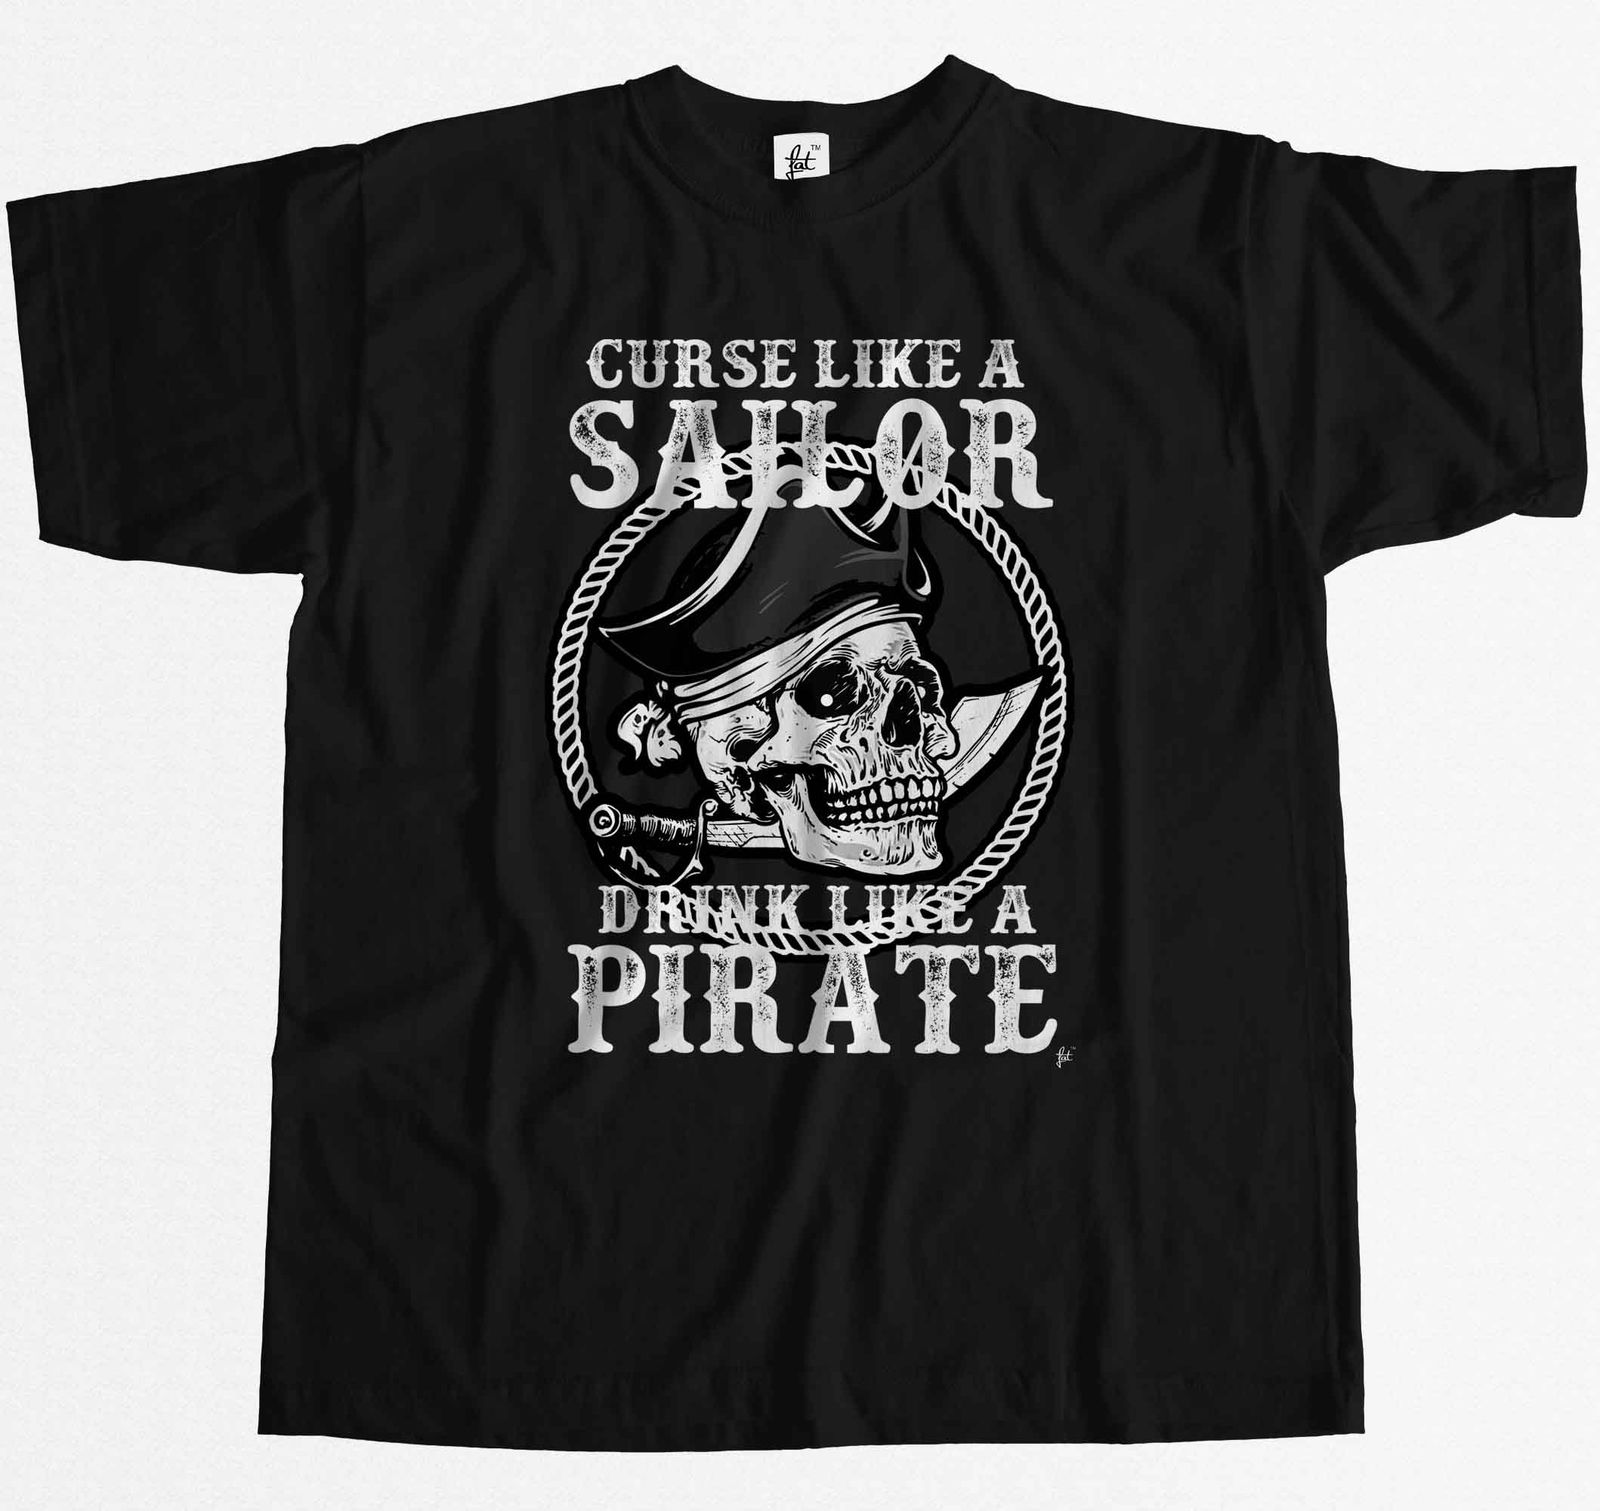 Mallas como una bebida de marinero como una espada de calavera pirata para hombre Camiseta 100% algodón de manga corta Camiseta nuevas camisetas barato al por mayor